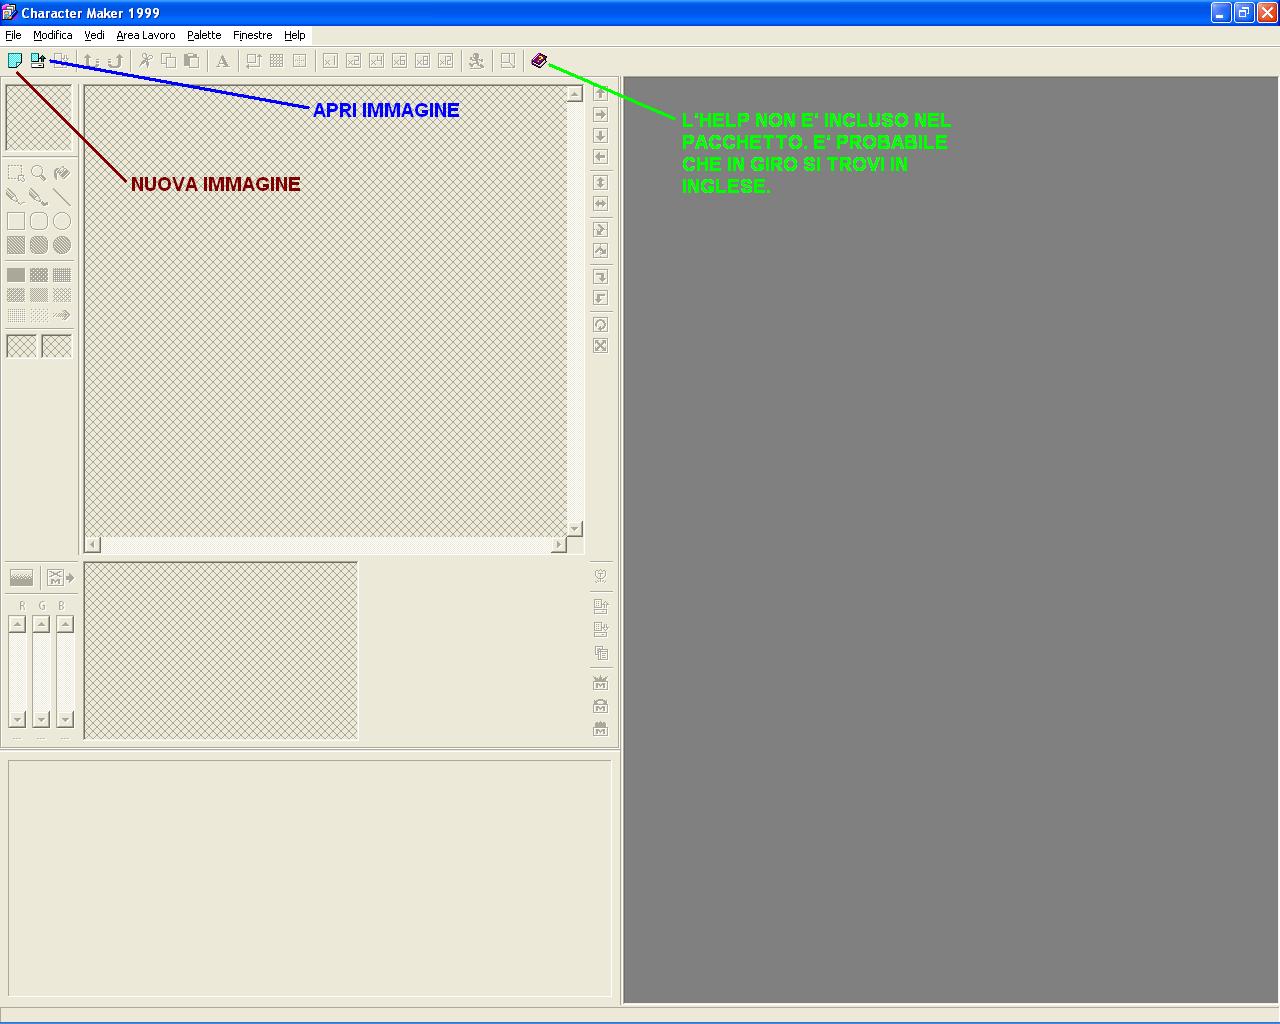 Character Maker 1999 [ITA] - Progetti (mobile o con altri